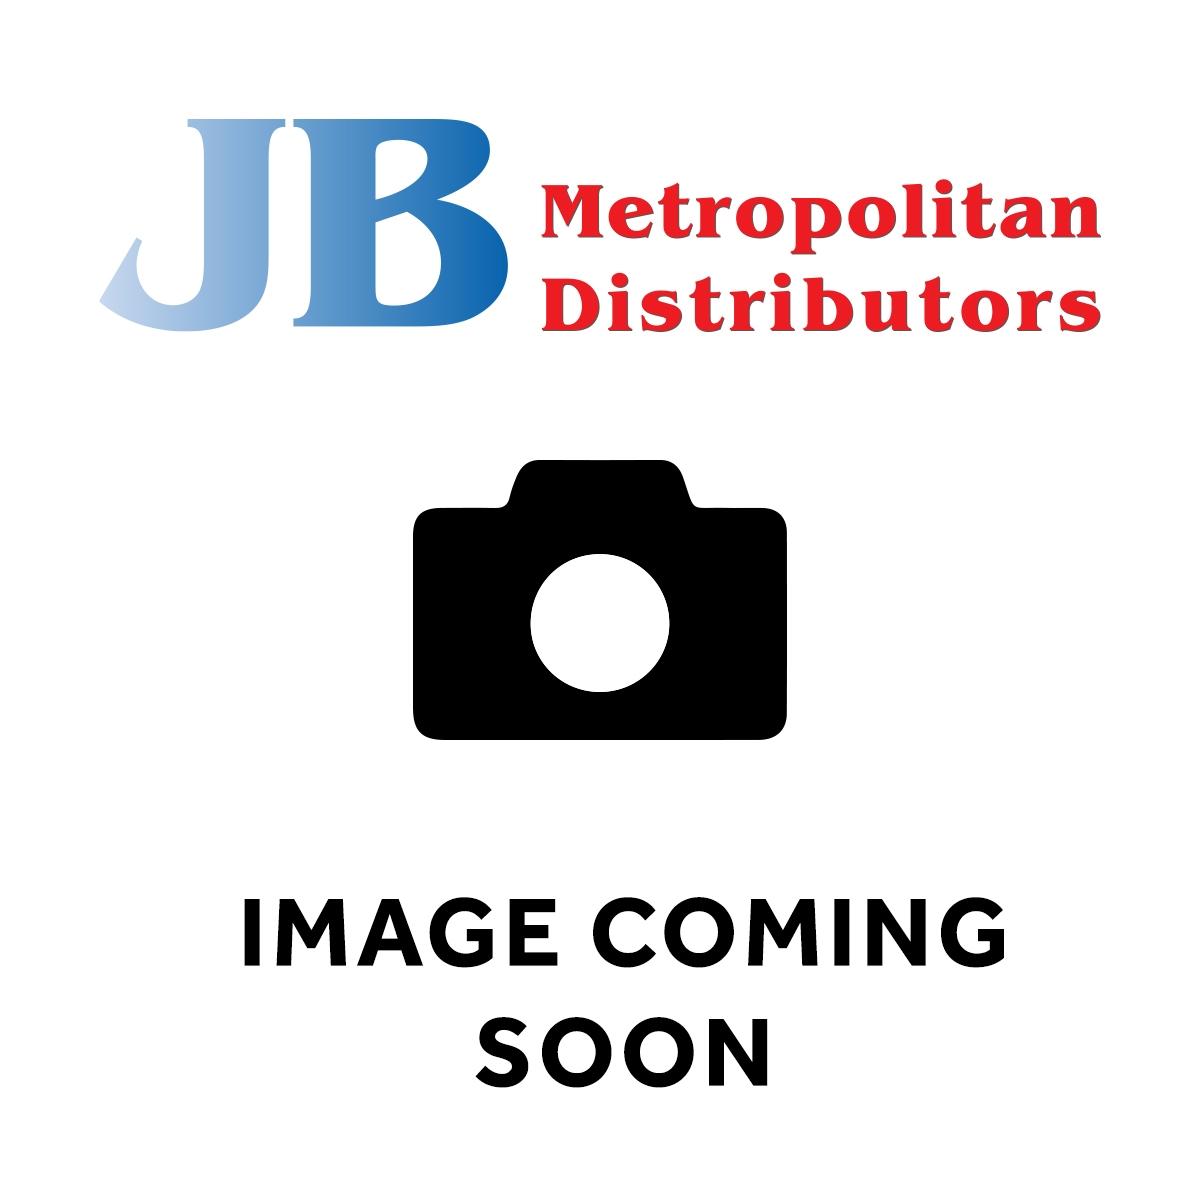 250ML 6PK JUICY ISLE POP TOP APPLE